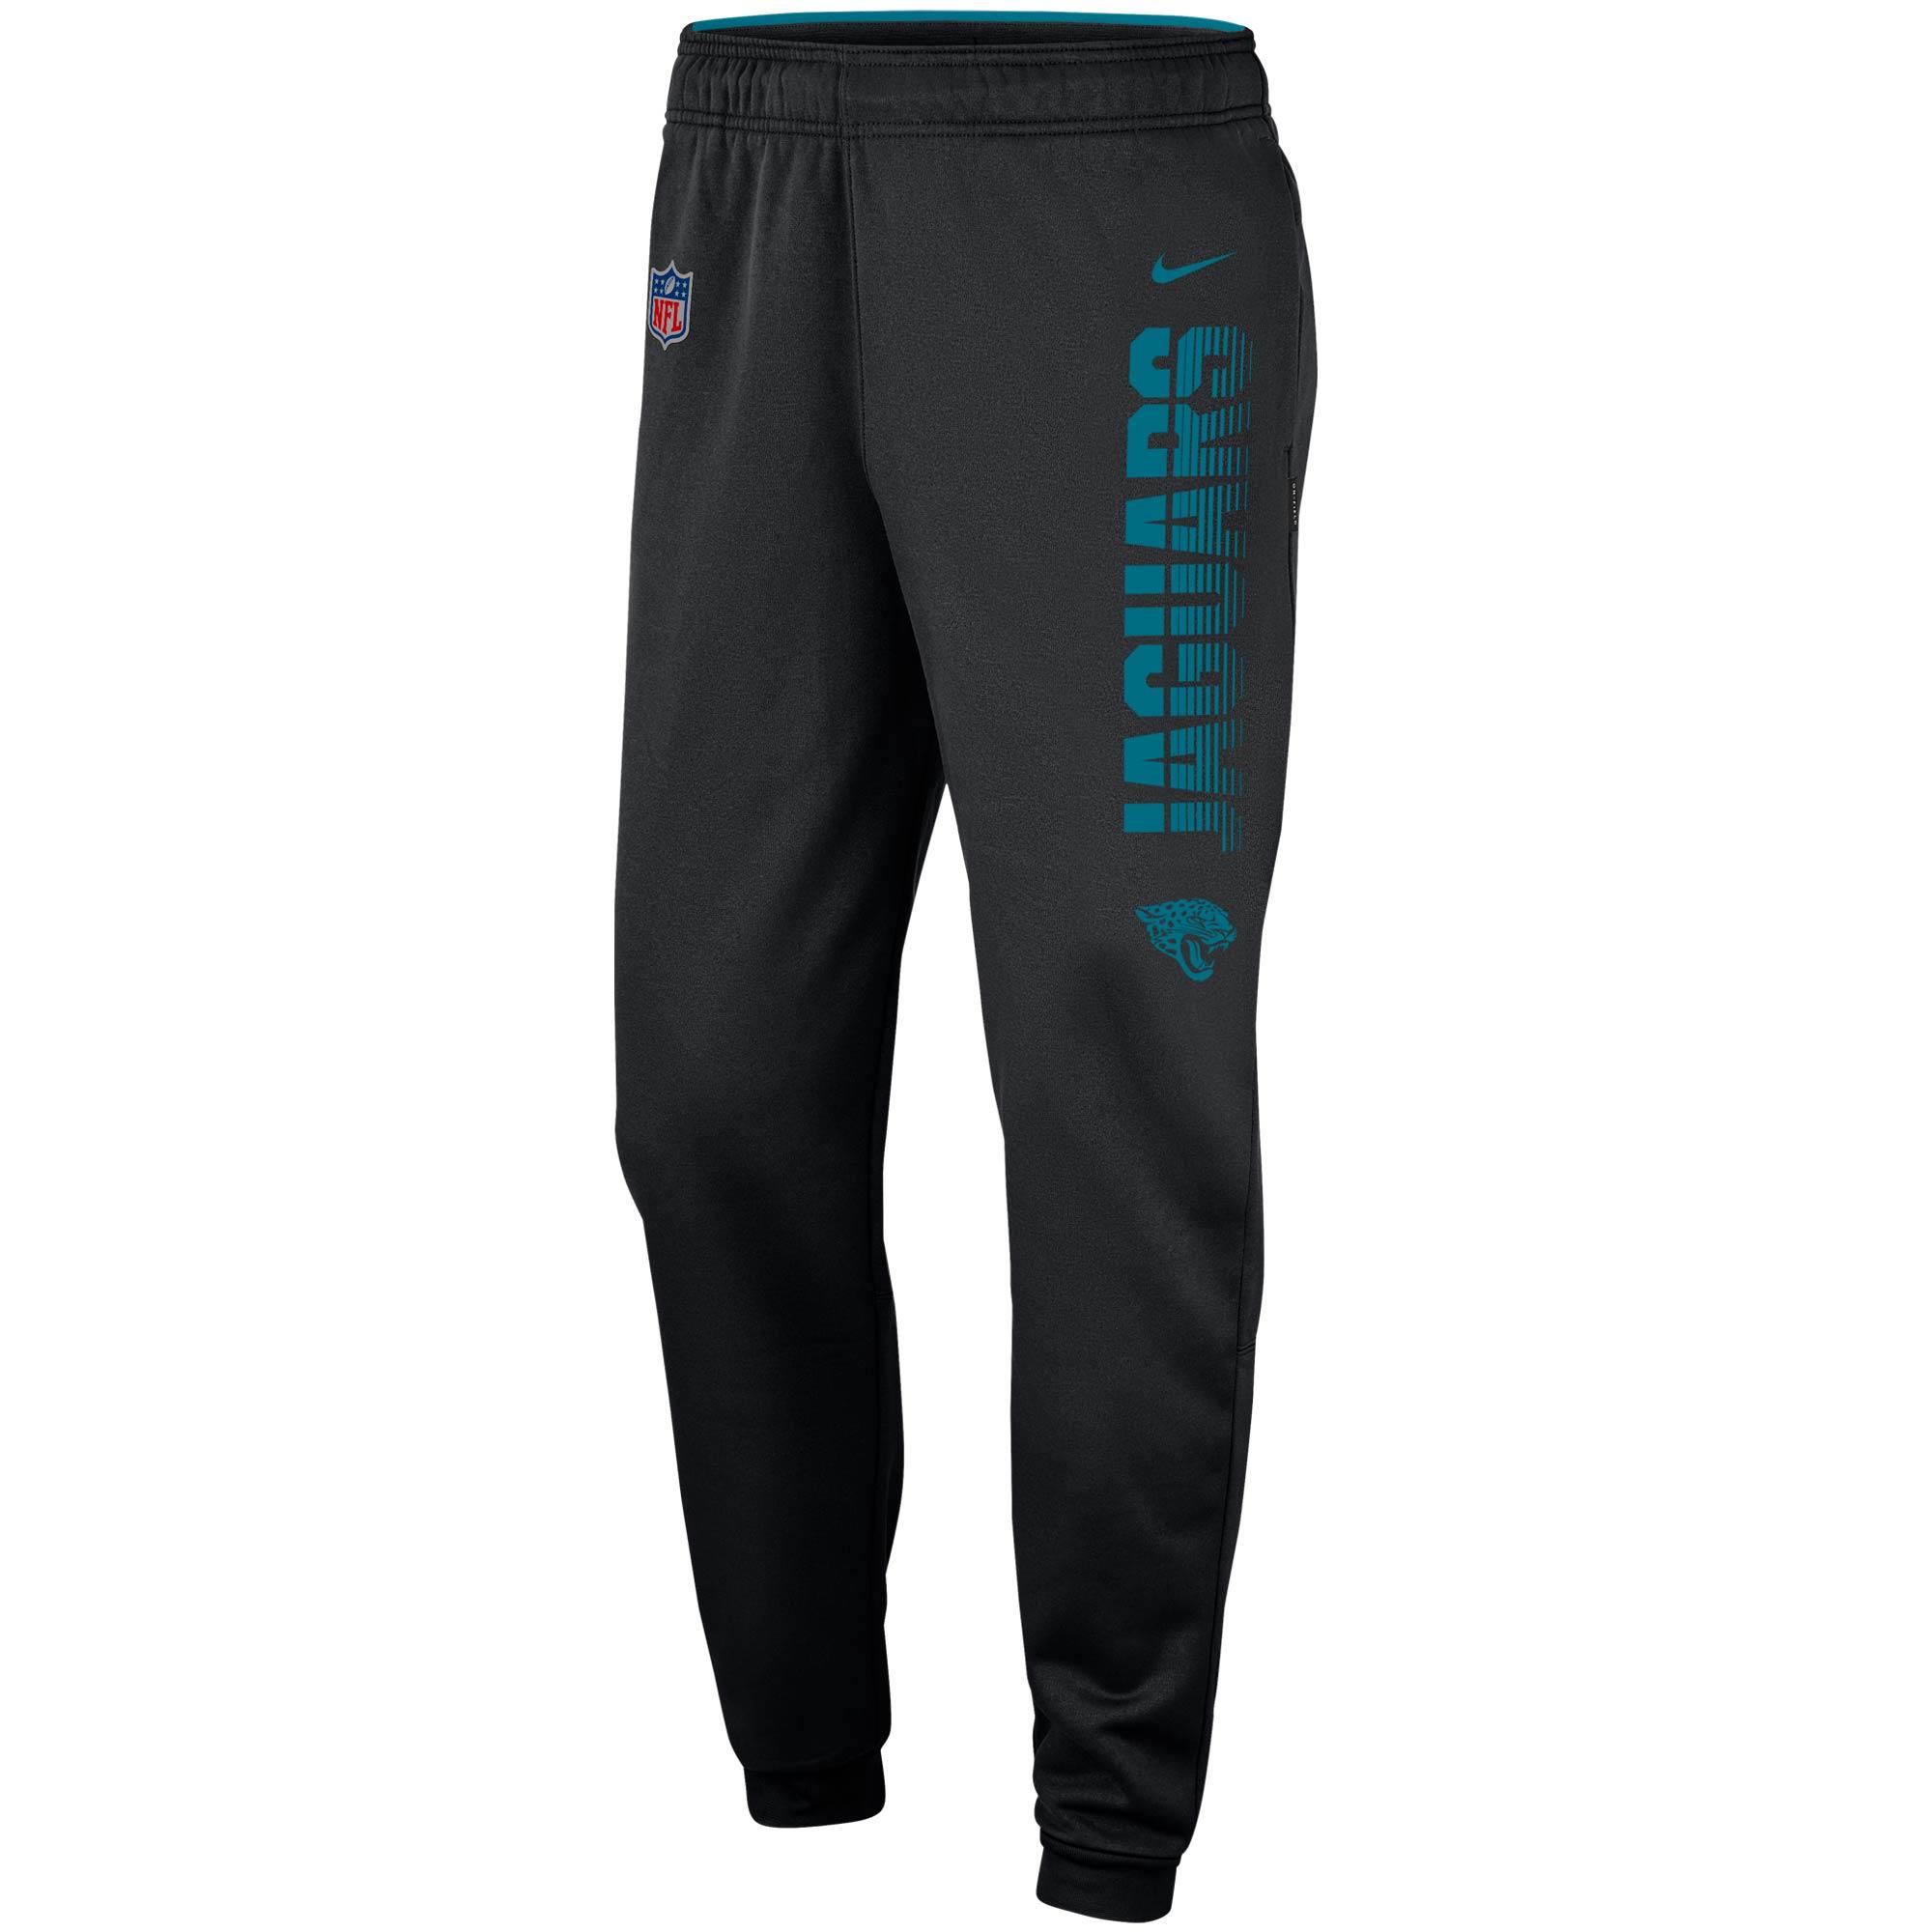 Jacksonville Jaguars Nike Team Logo Sideline Performance Pants - Black